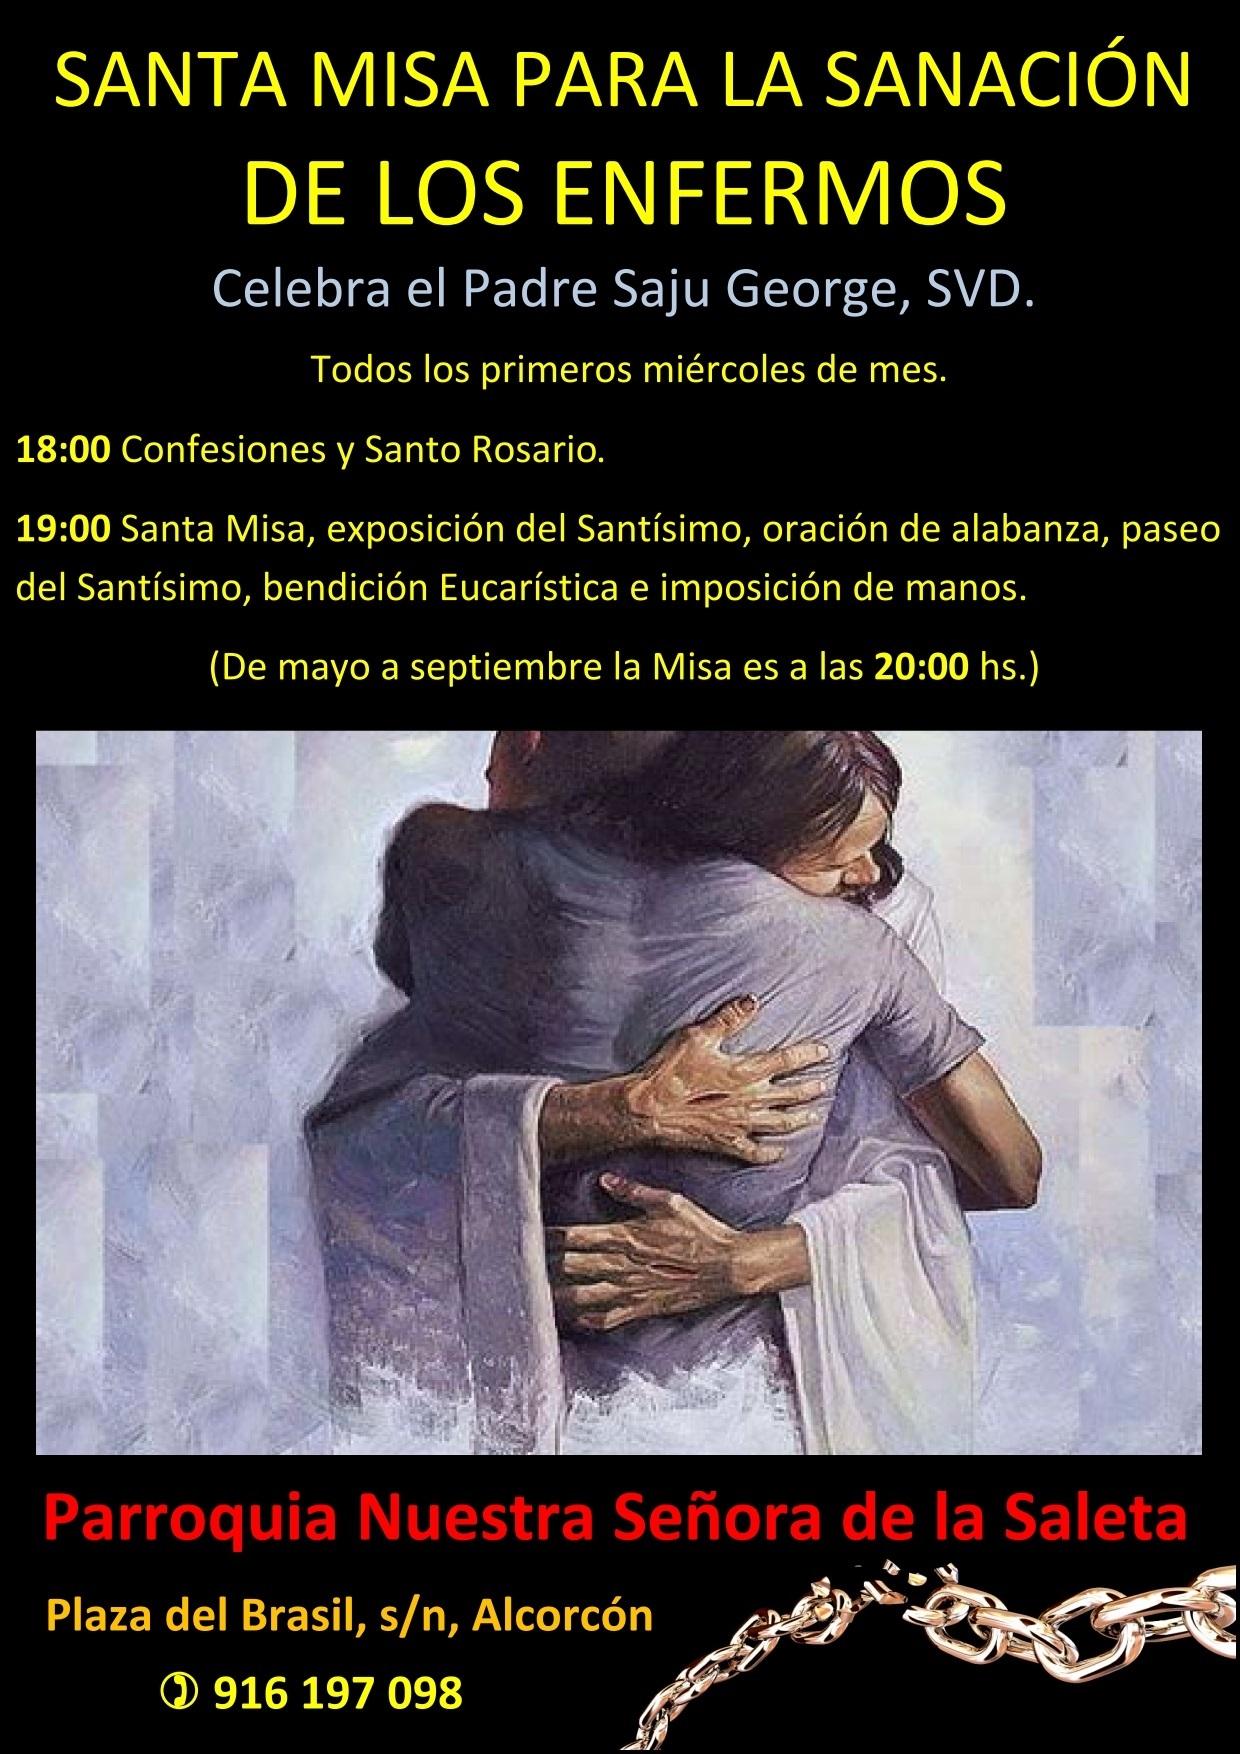 EN SEPTIEMBRE SERÁ EL MIÉRCOLES 11